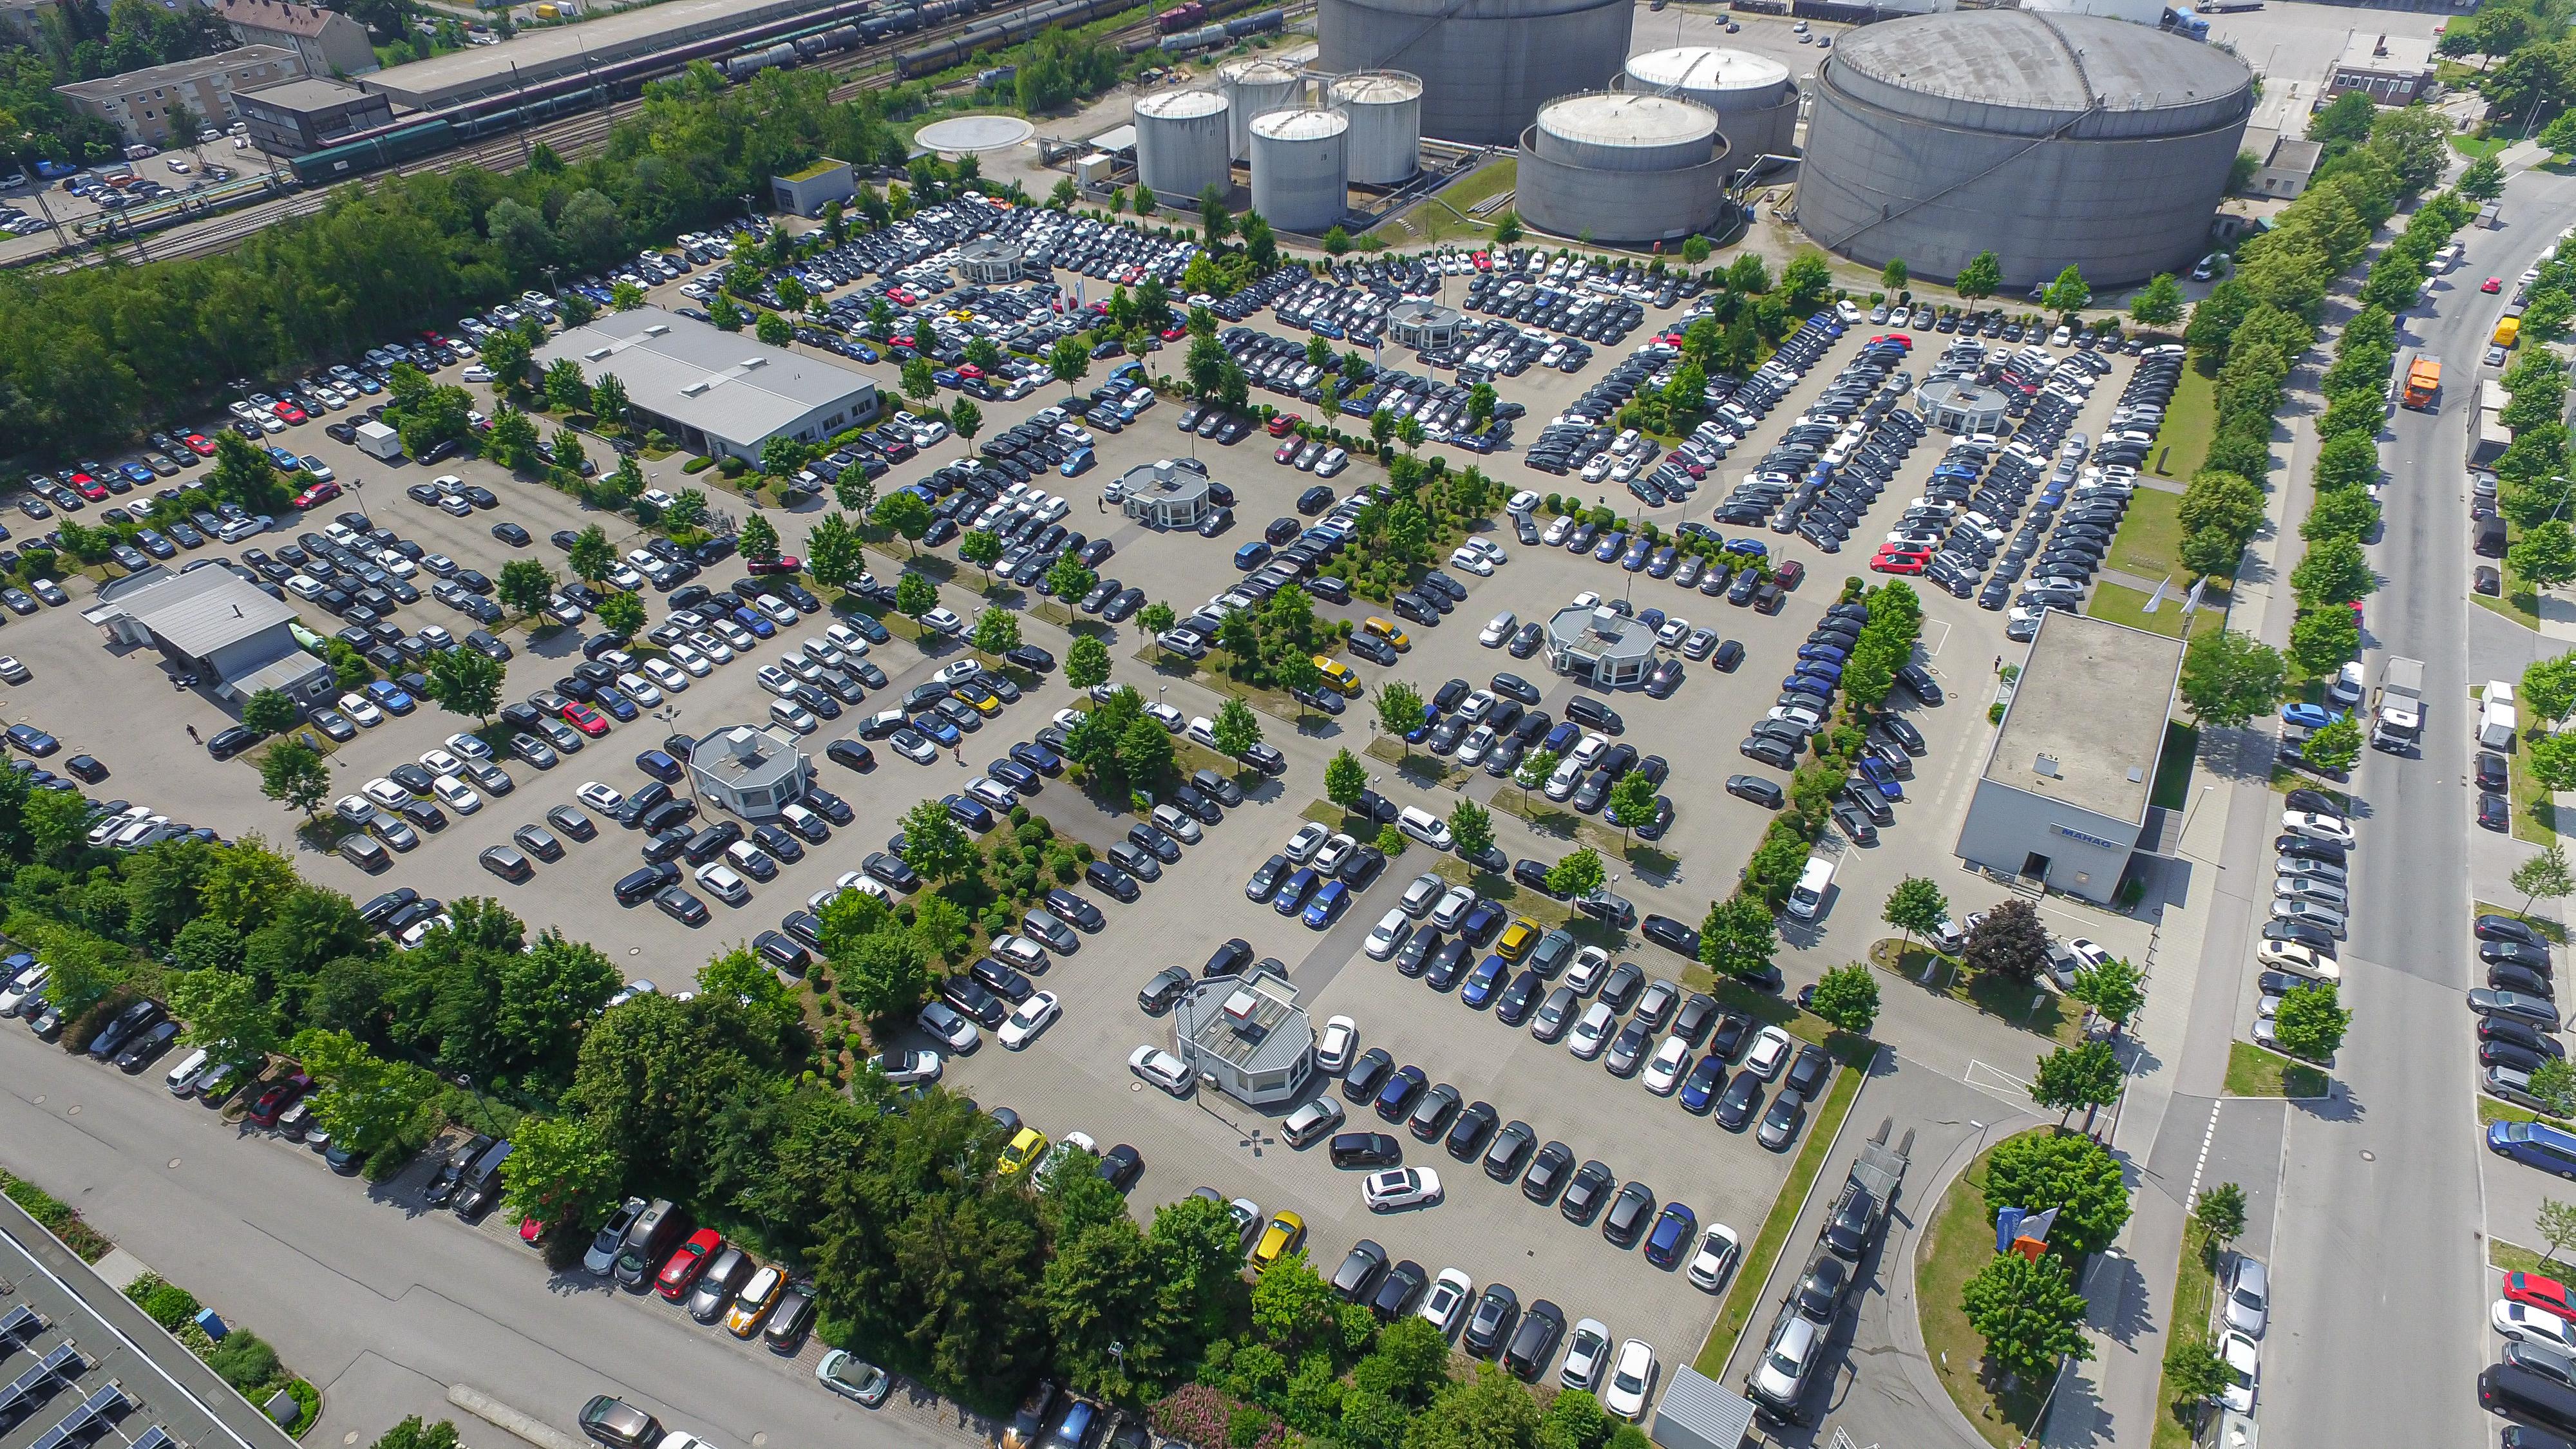 Große Auswahl: Über 1500 Gebrauchtfahrzeuge sind bei der MAHAG im Angebot.